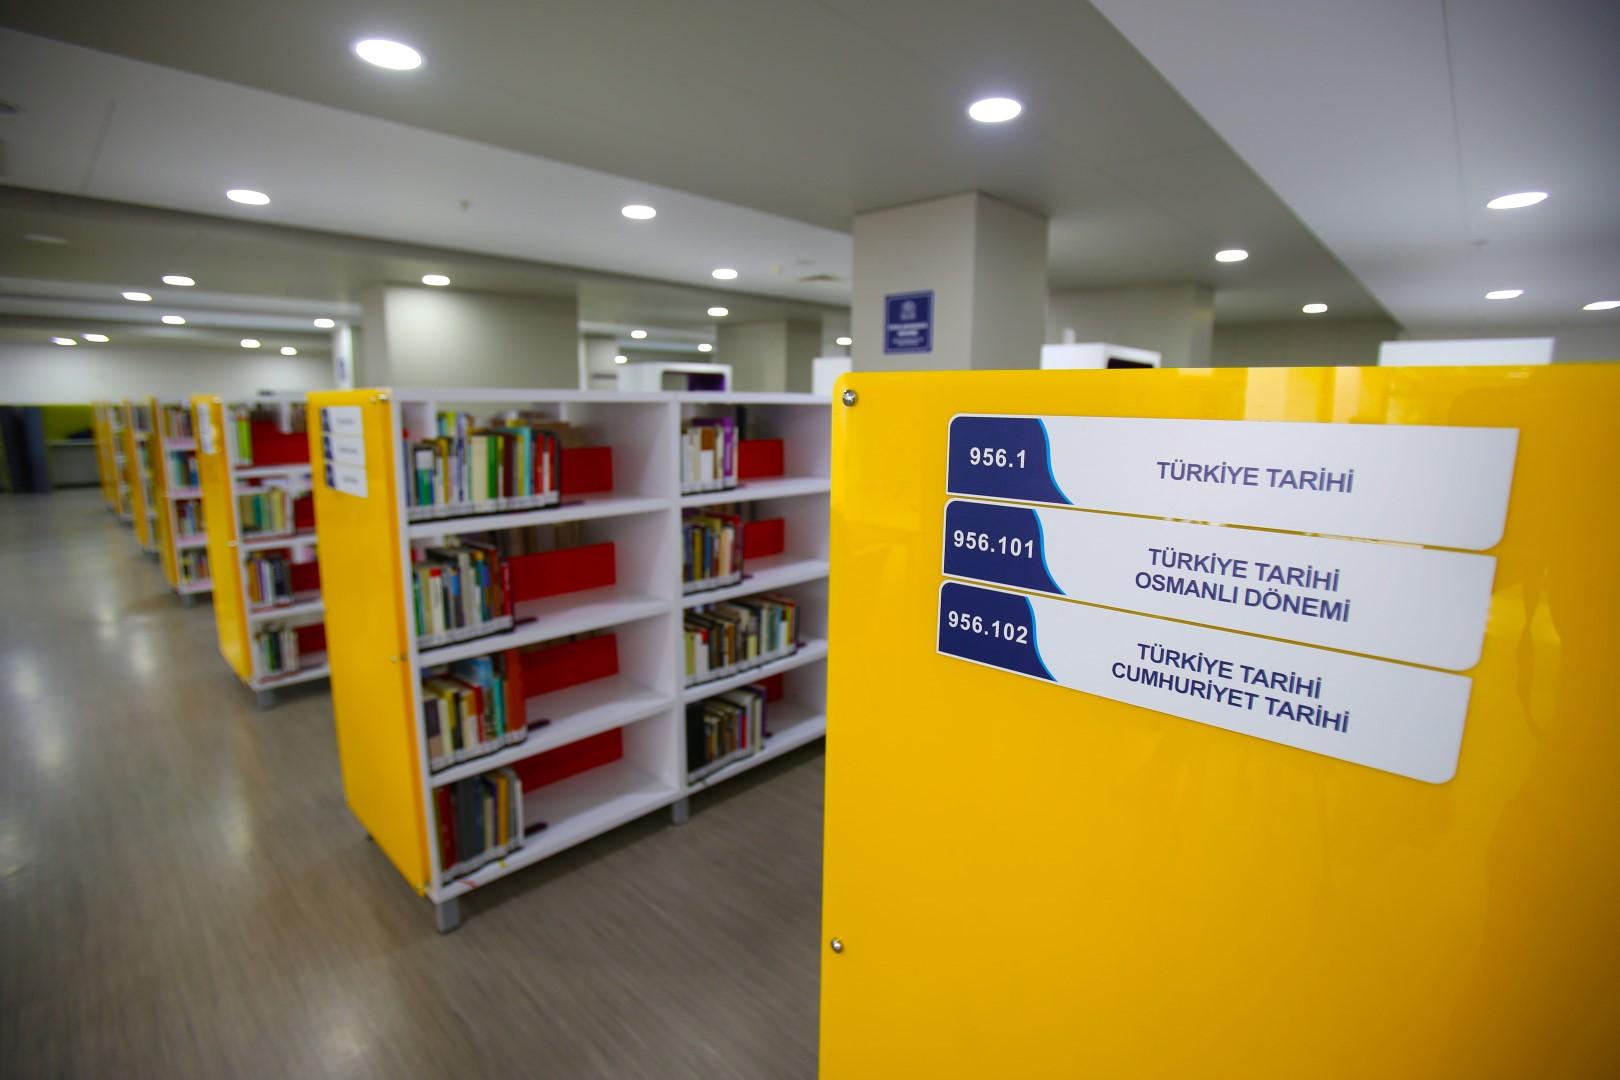 Gebzelileri kitap ile buluşturan Kütüphane: Ç.Mustafapaşa Kütüphanesi